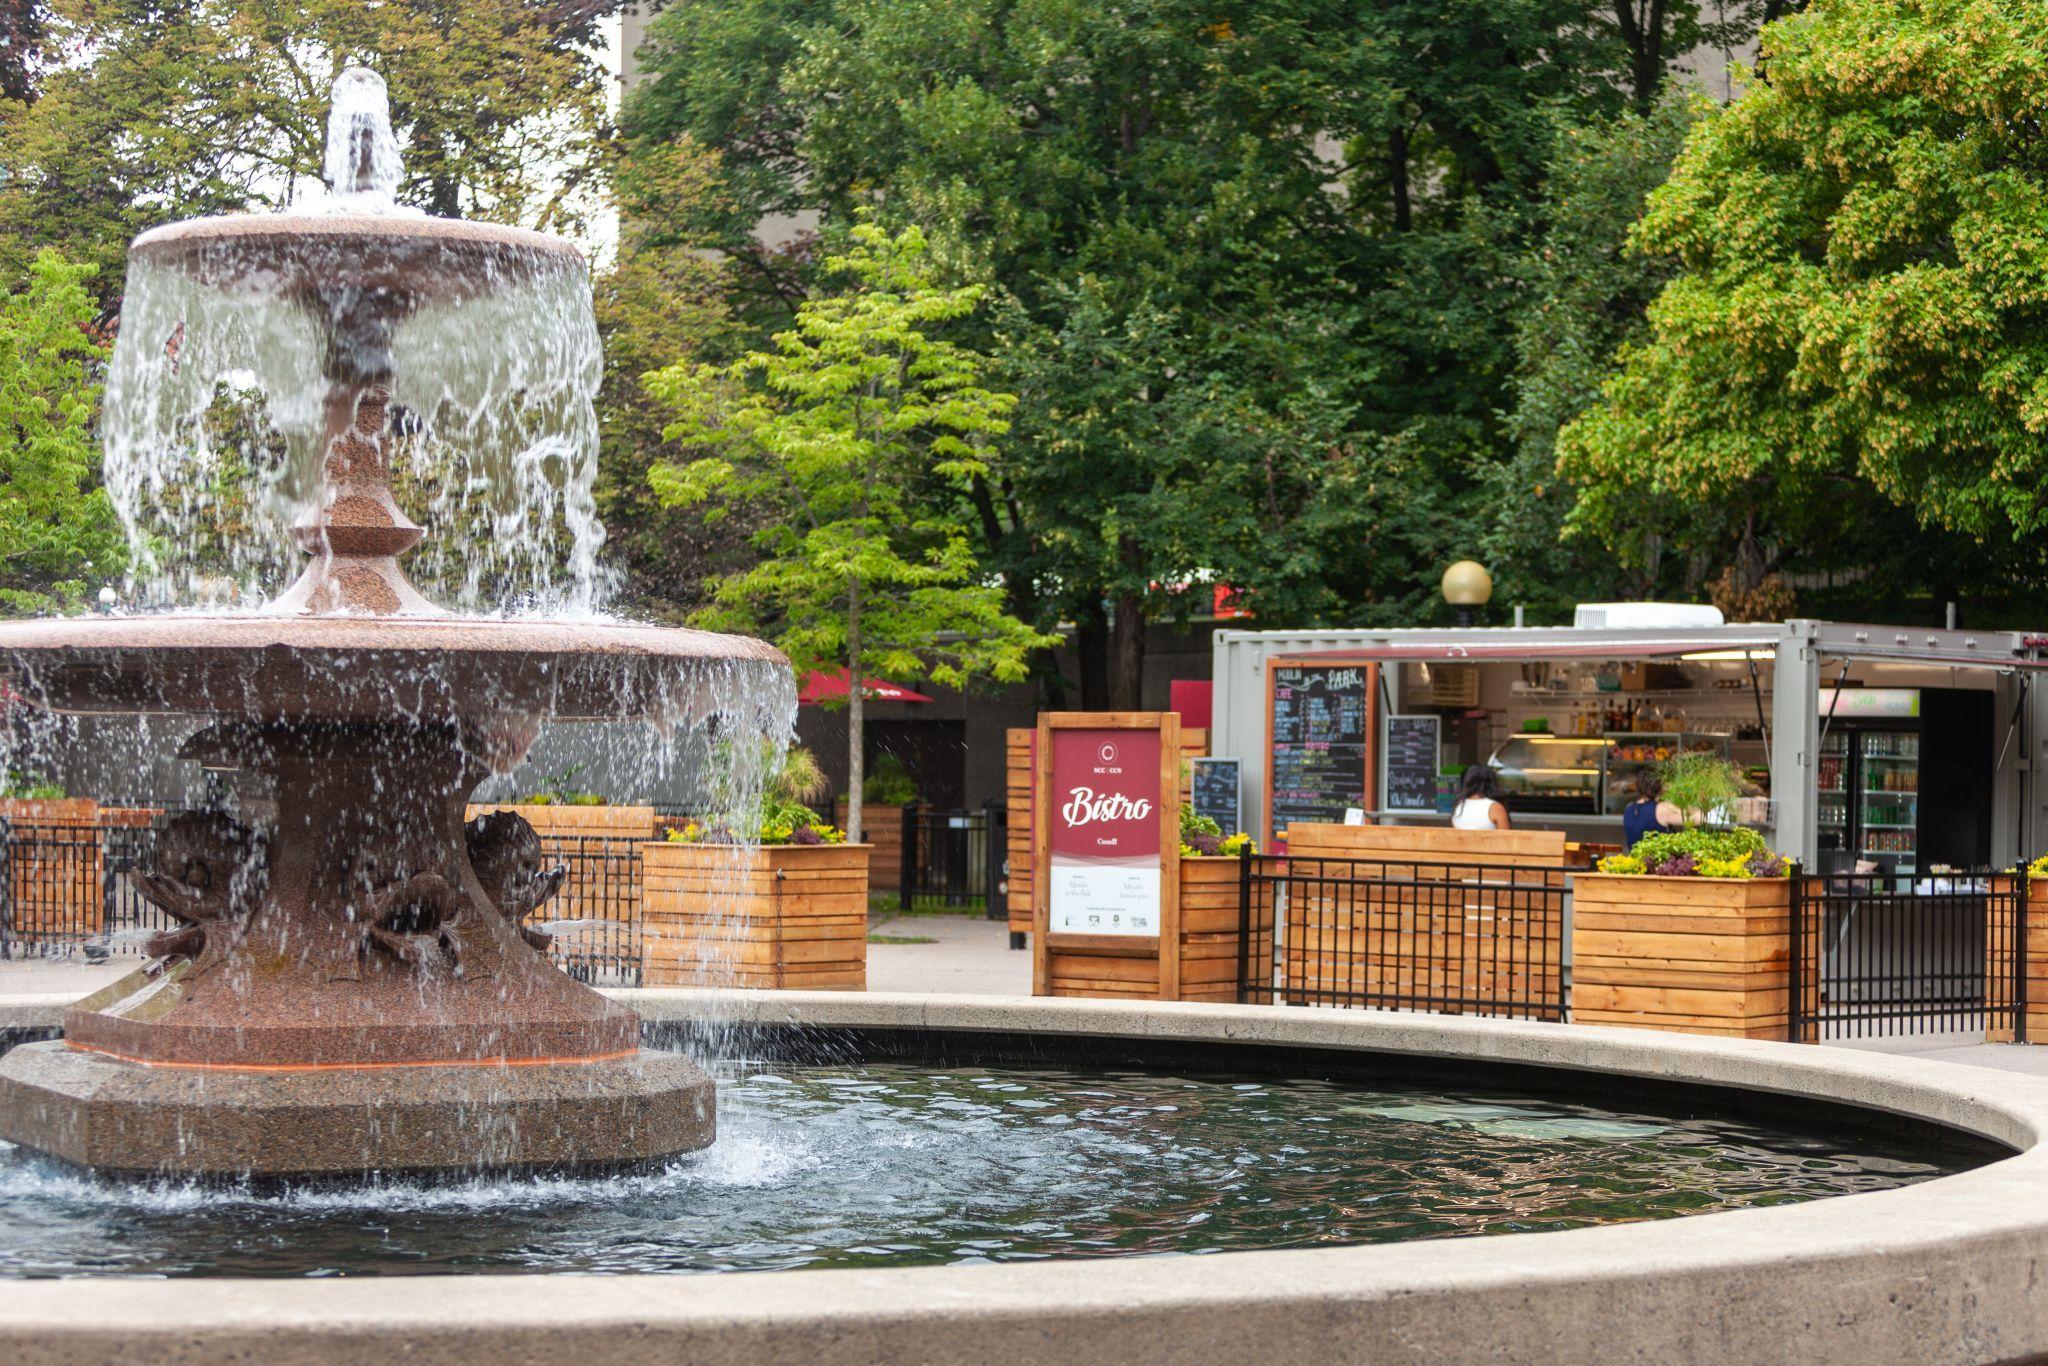 Bistro patio at Confederation Park.